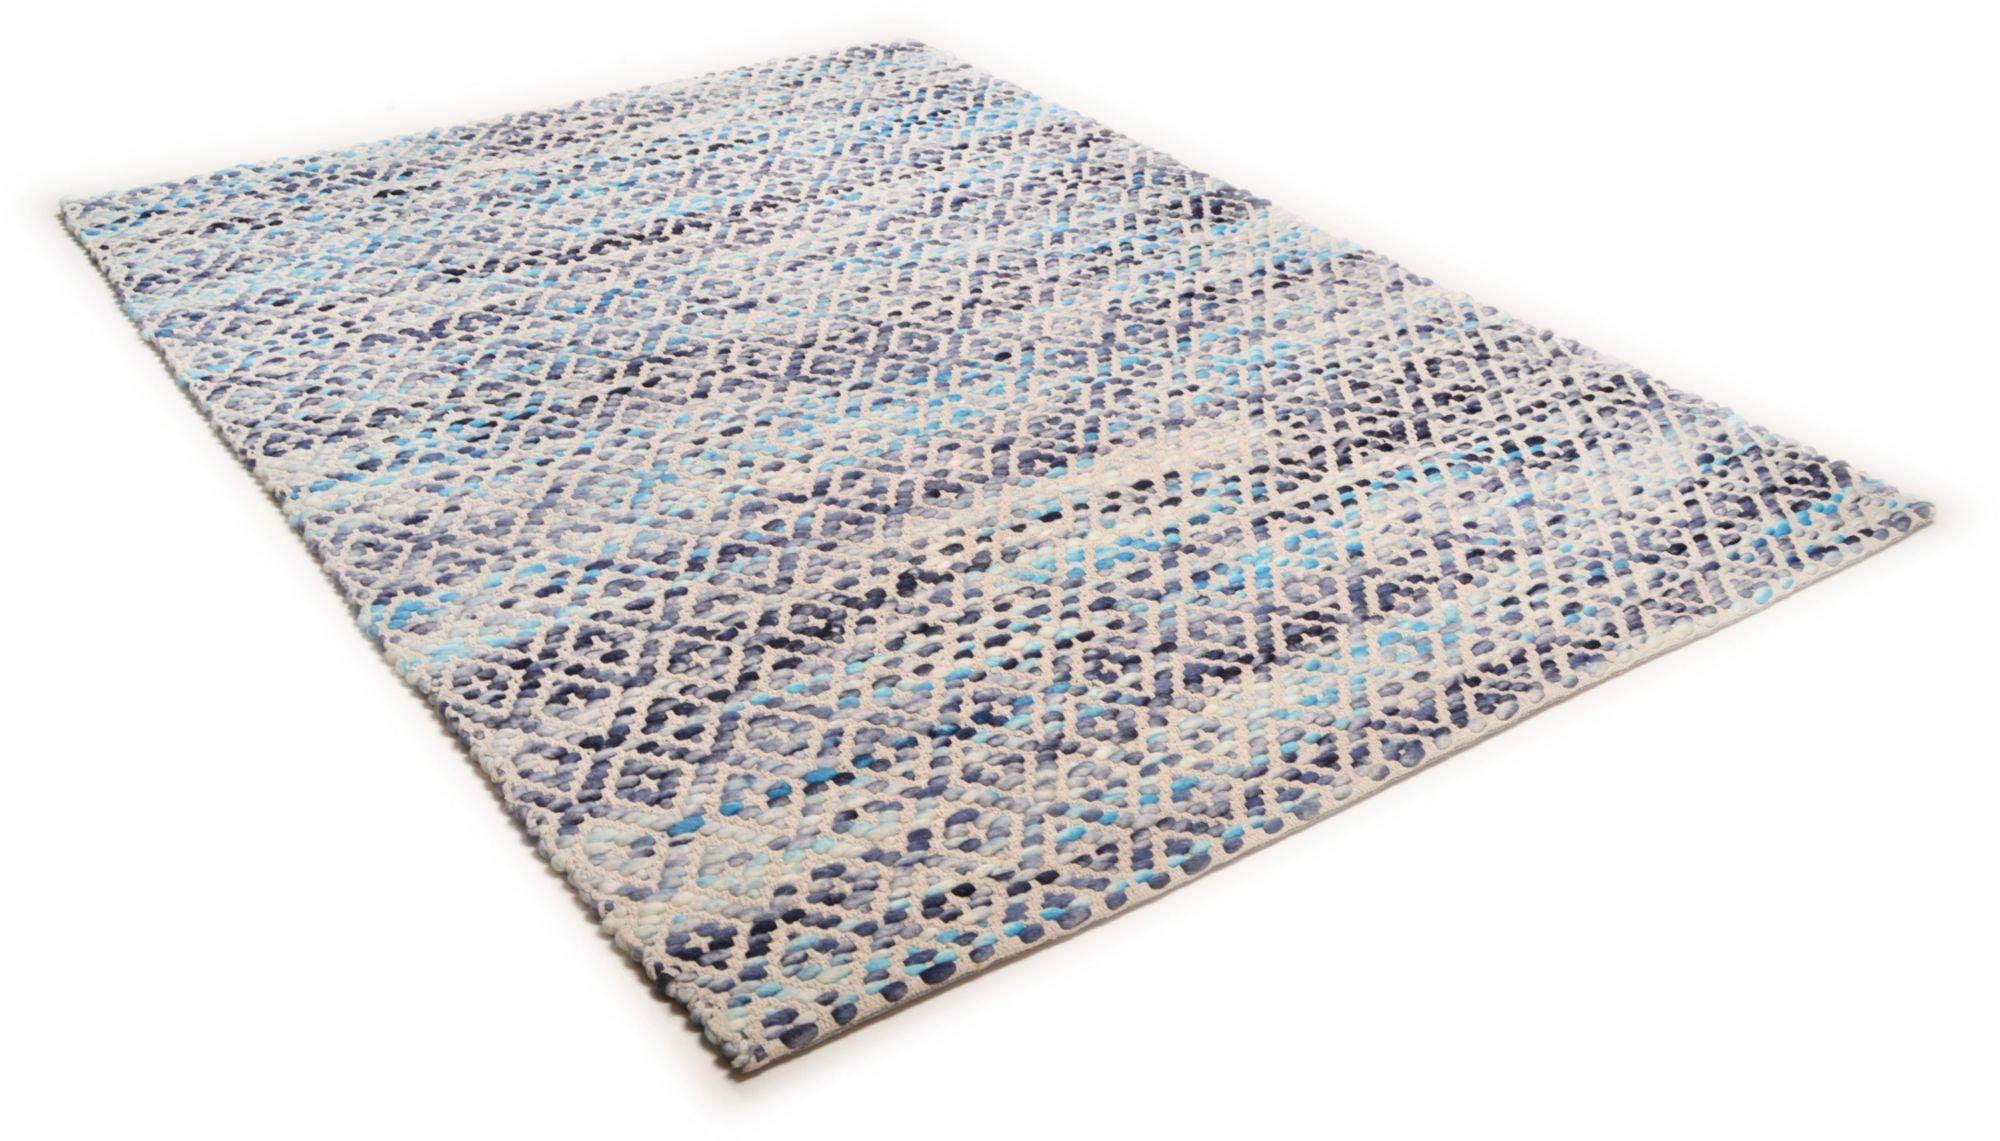 Teppich, Tom Tailor, »Diamond«, handgearbeitet, Wolle